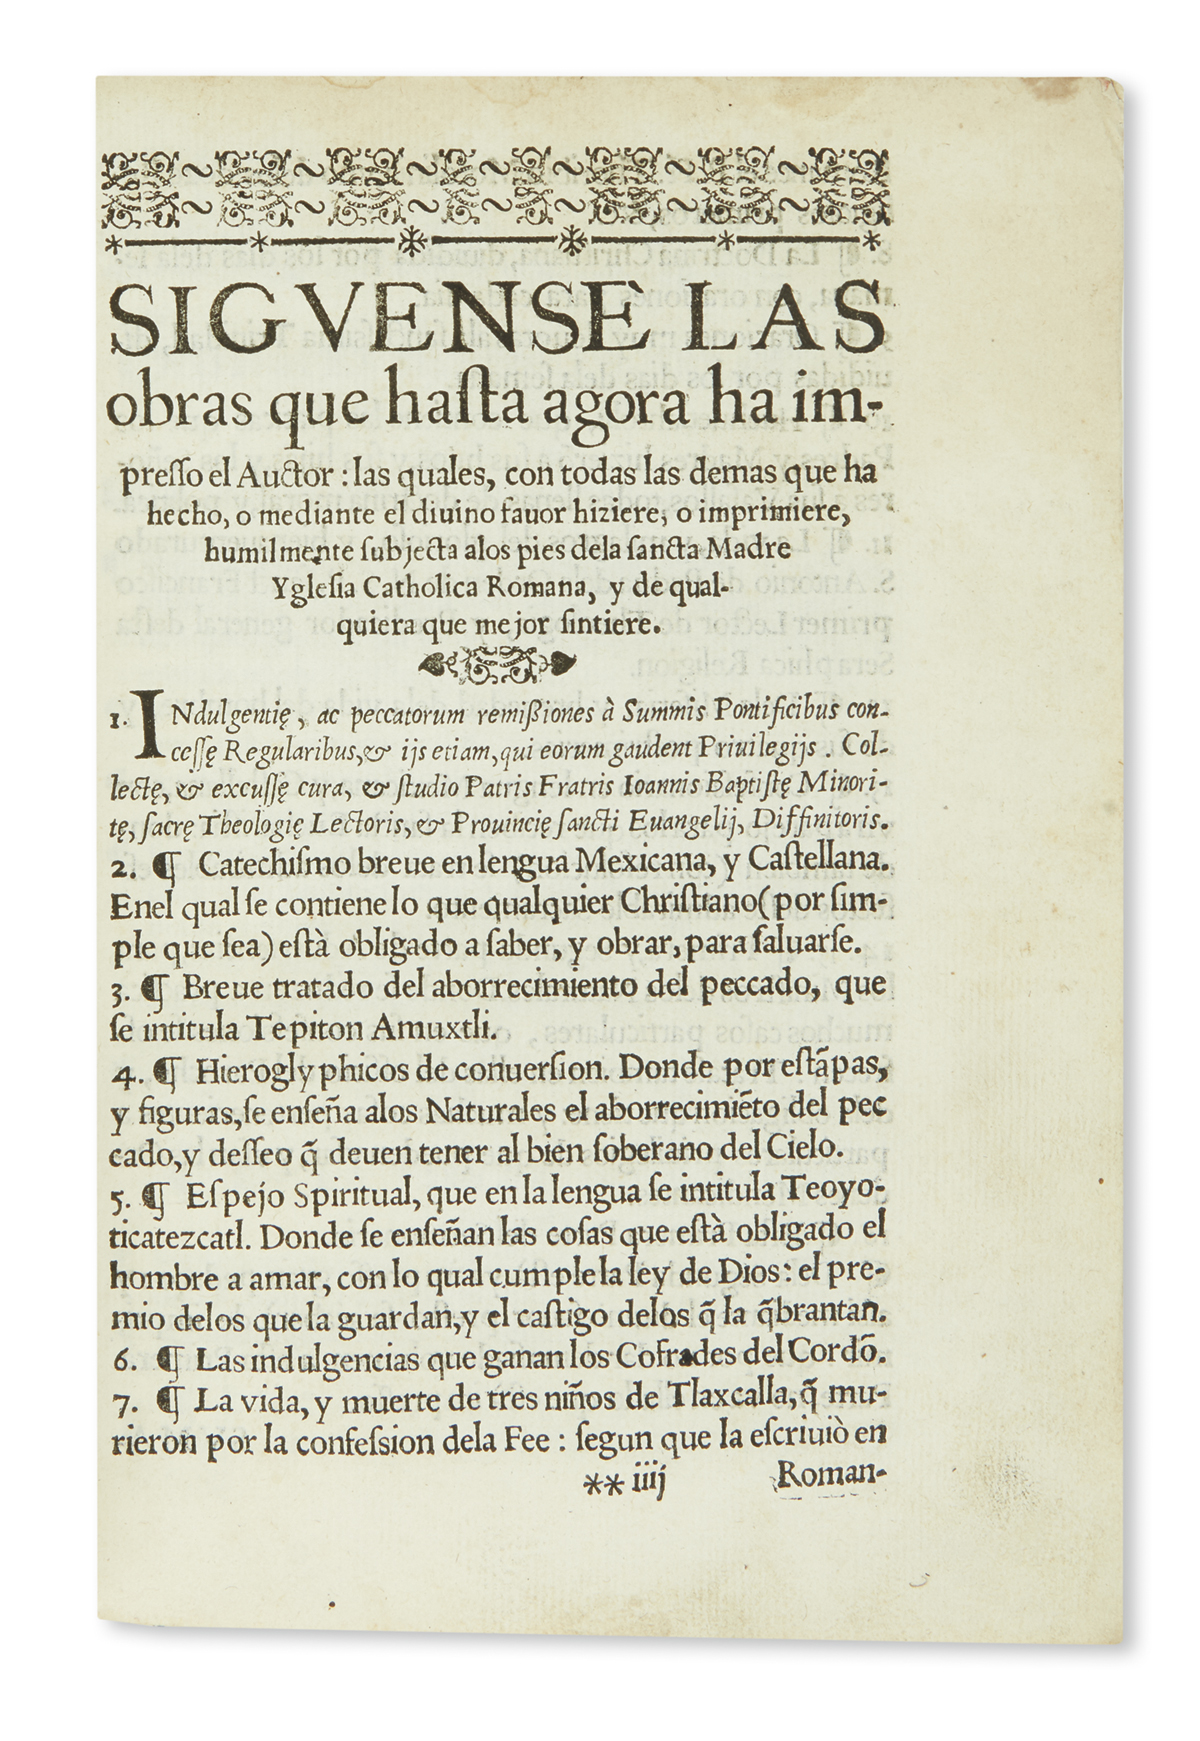 (MEXICAN IMPRINT--1607.) Baptista, Juan. A Jesu Christo S.N. ofrece este sermonario en lengua mexicana.